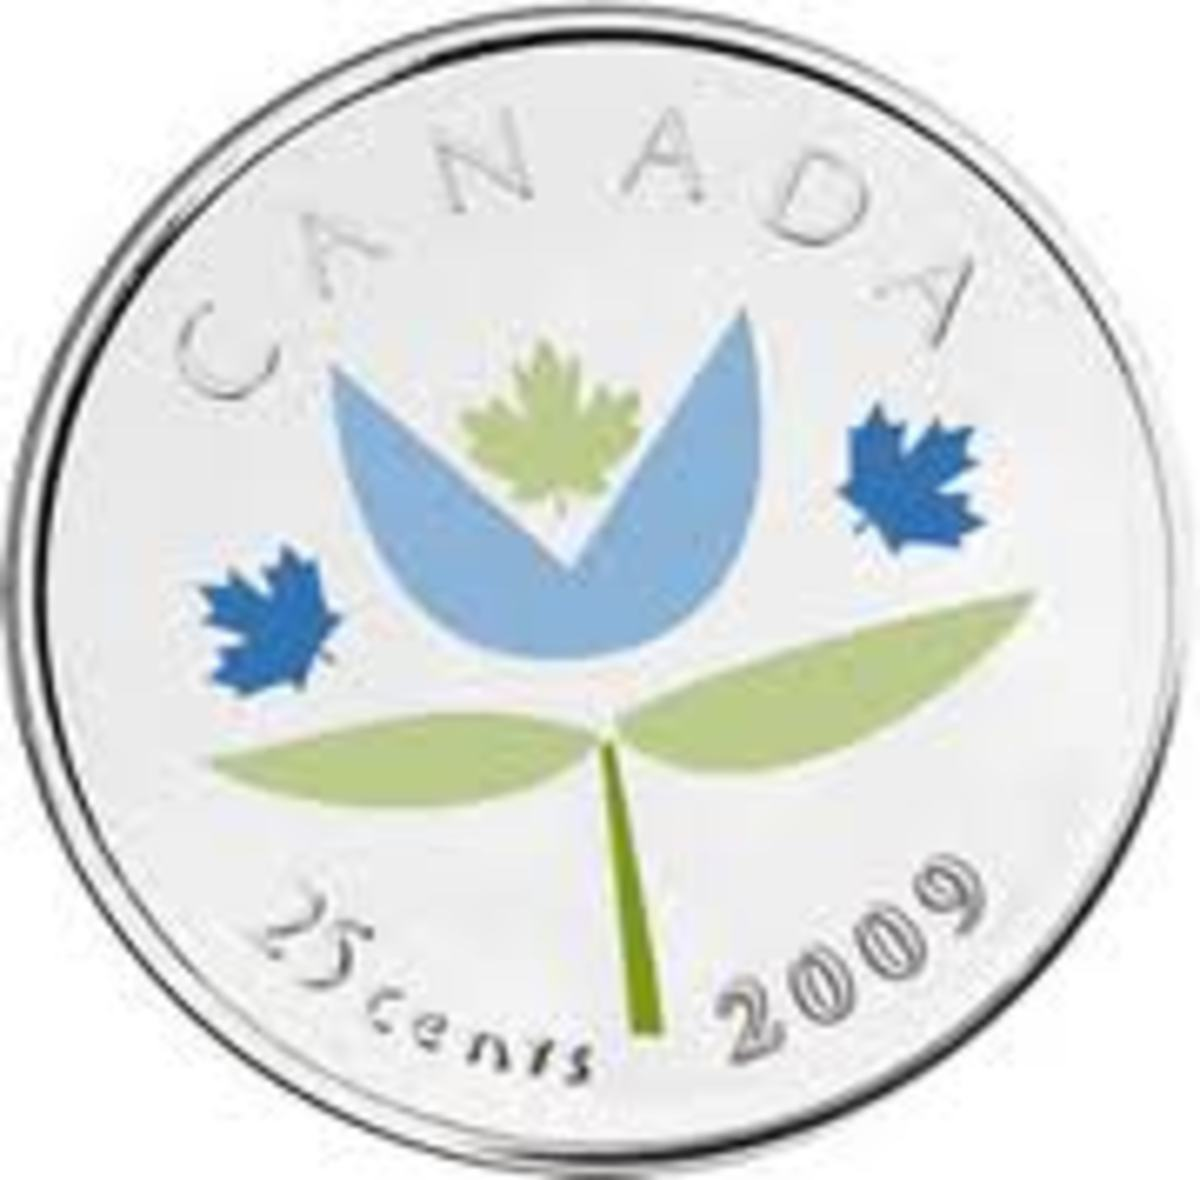 Thank You Coin